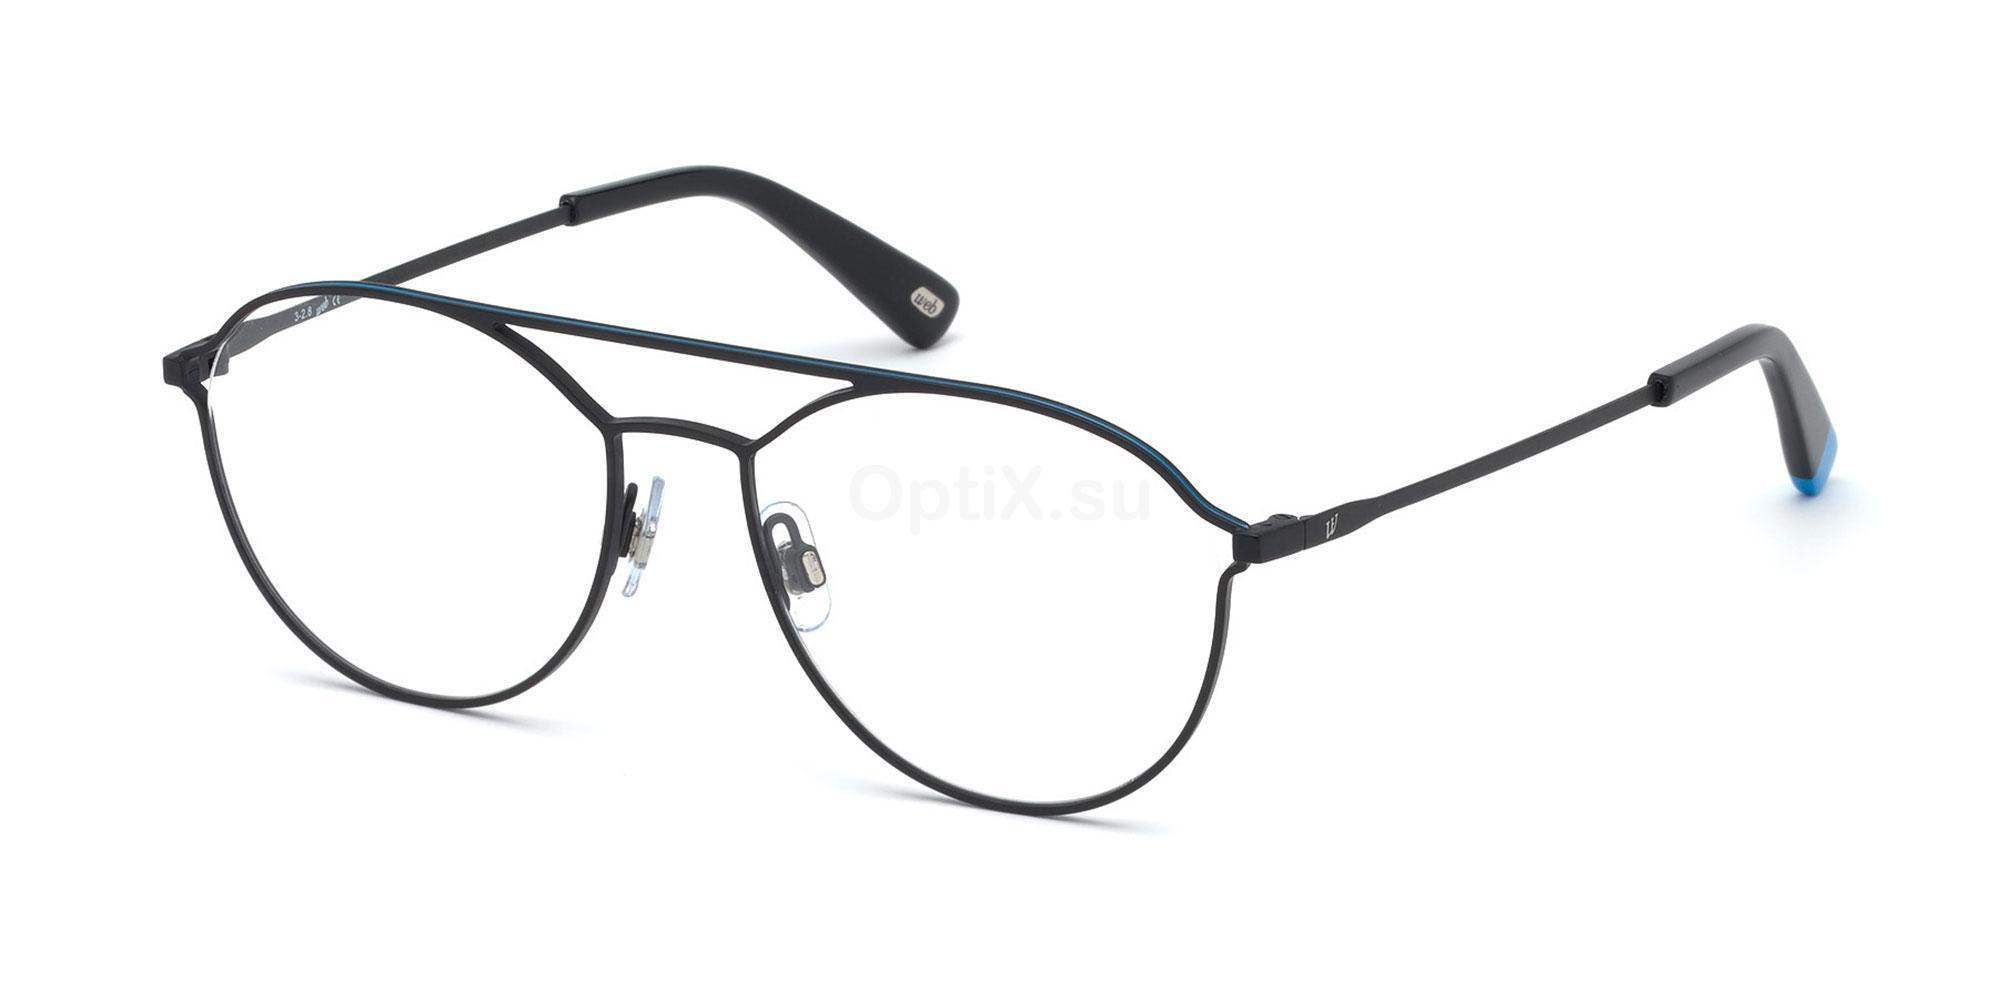 002 WE5300 Glasses, Web